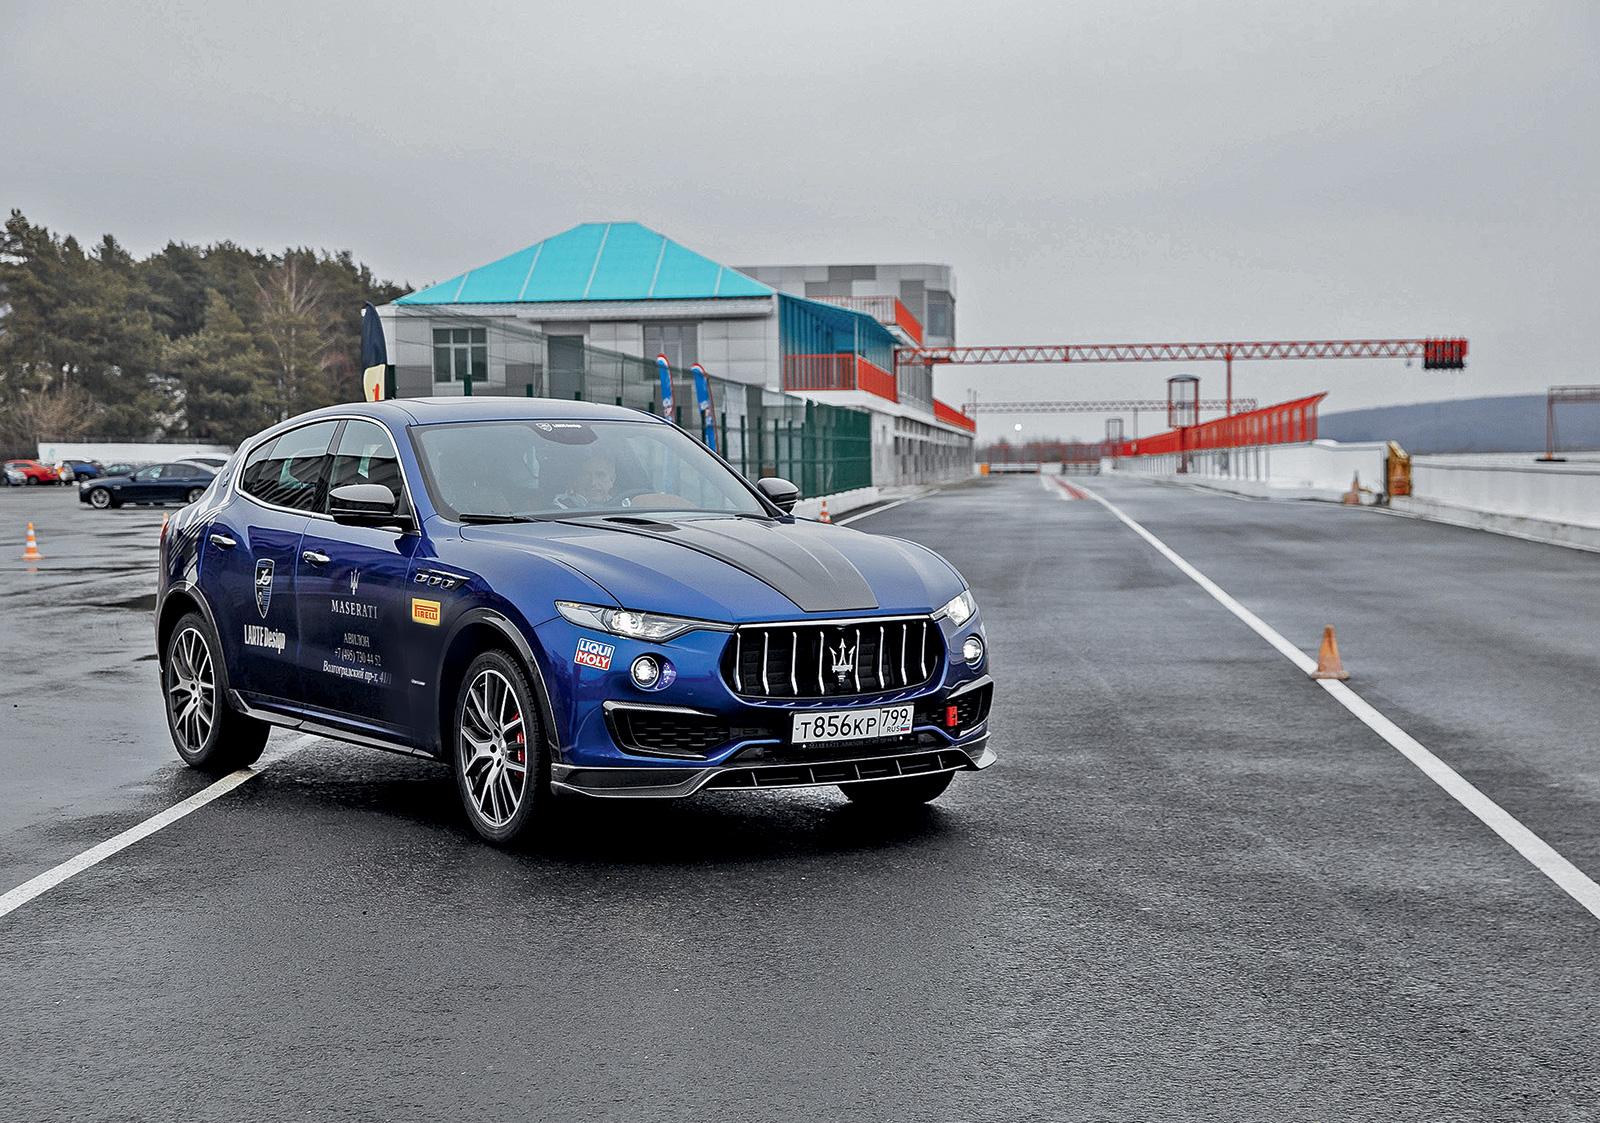 Тест-драйв обновленного Maserati Levante. Трезубец в спину конкурентов